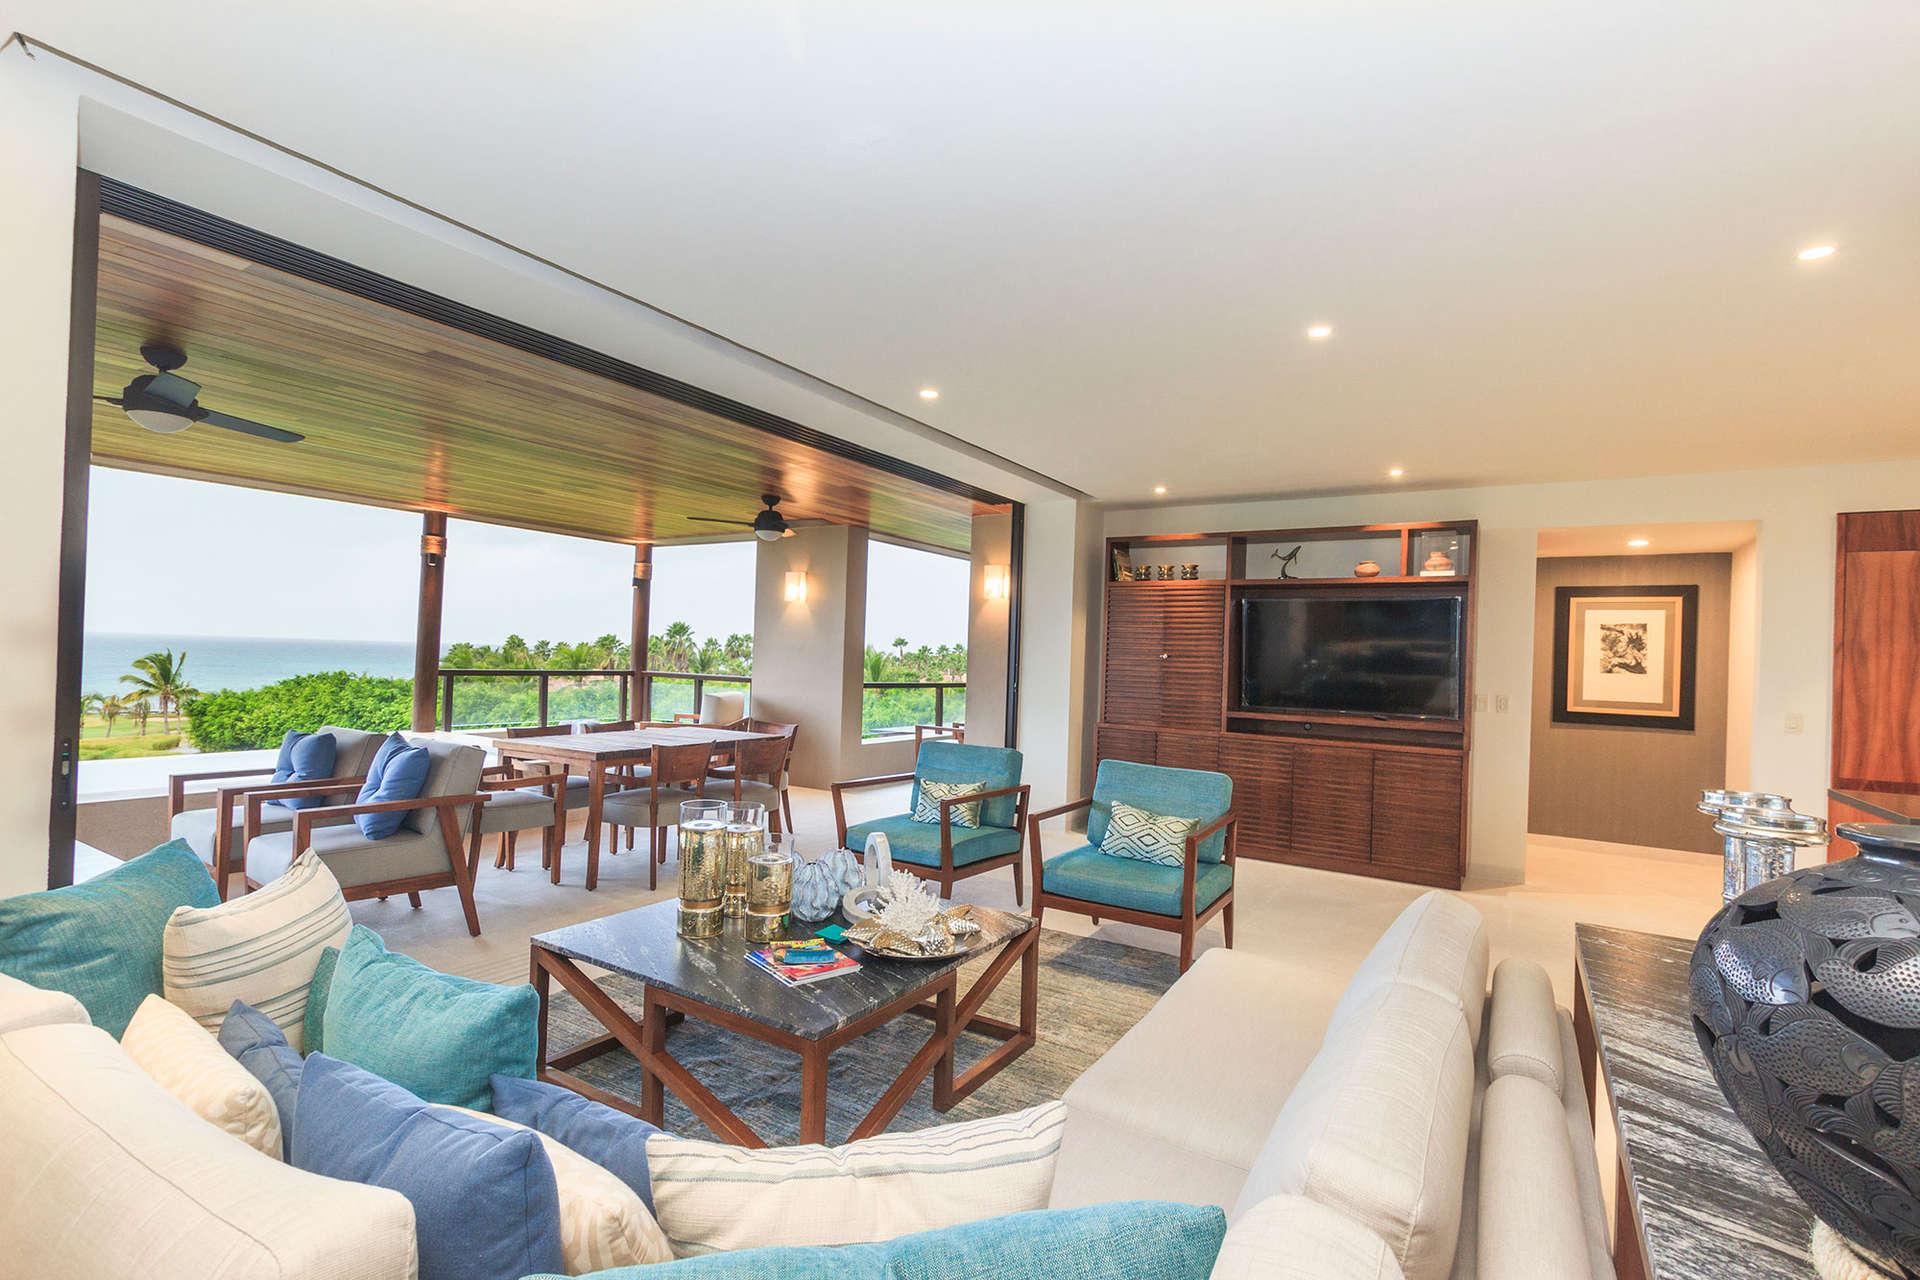 Luxury vacation rentals mexico - Punta mita - Las marietas - No location 4 - Condo Artemisa - Image 1/11